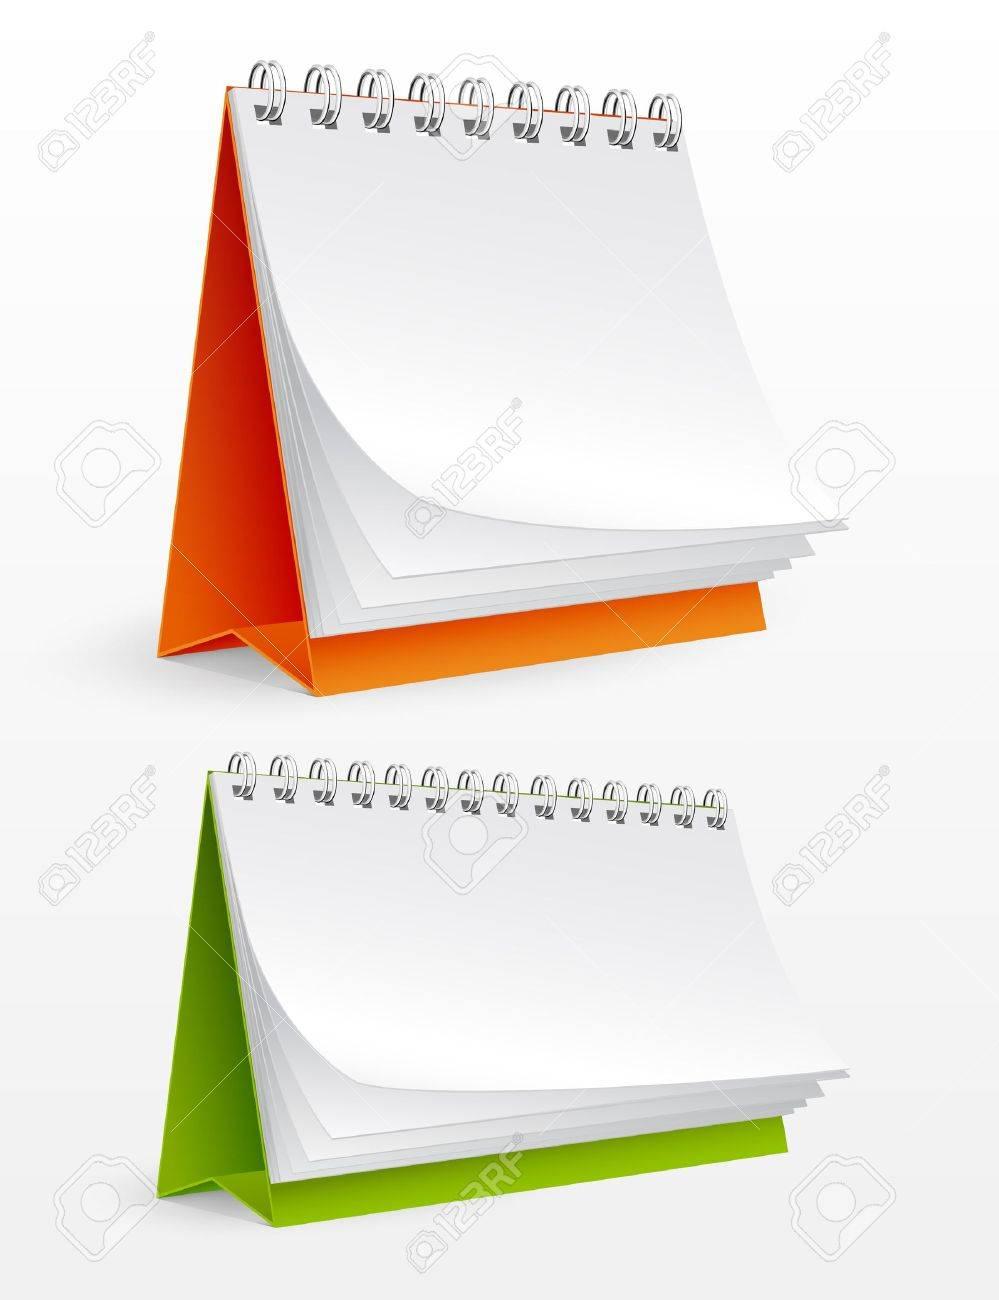 Blank desktop calendars isolated on white. Vector illustration Stock Vector - 9695917